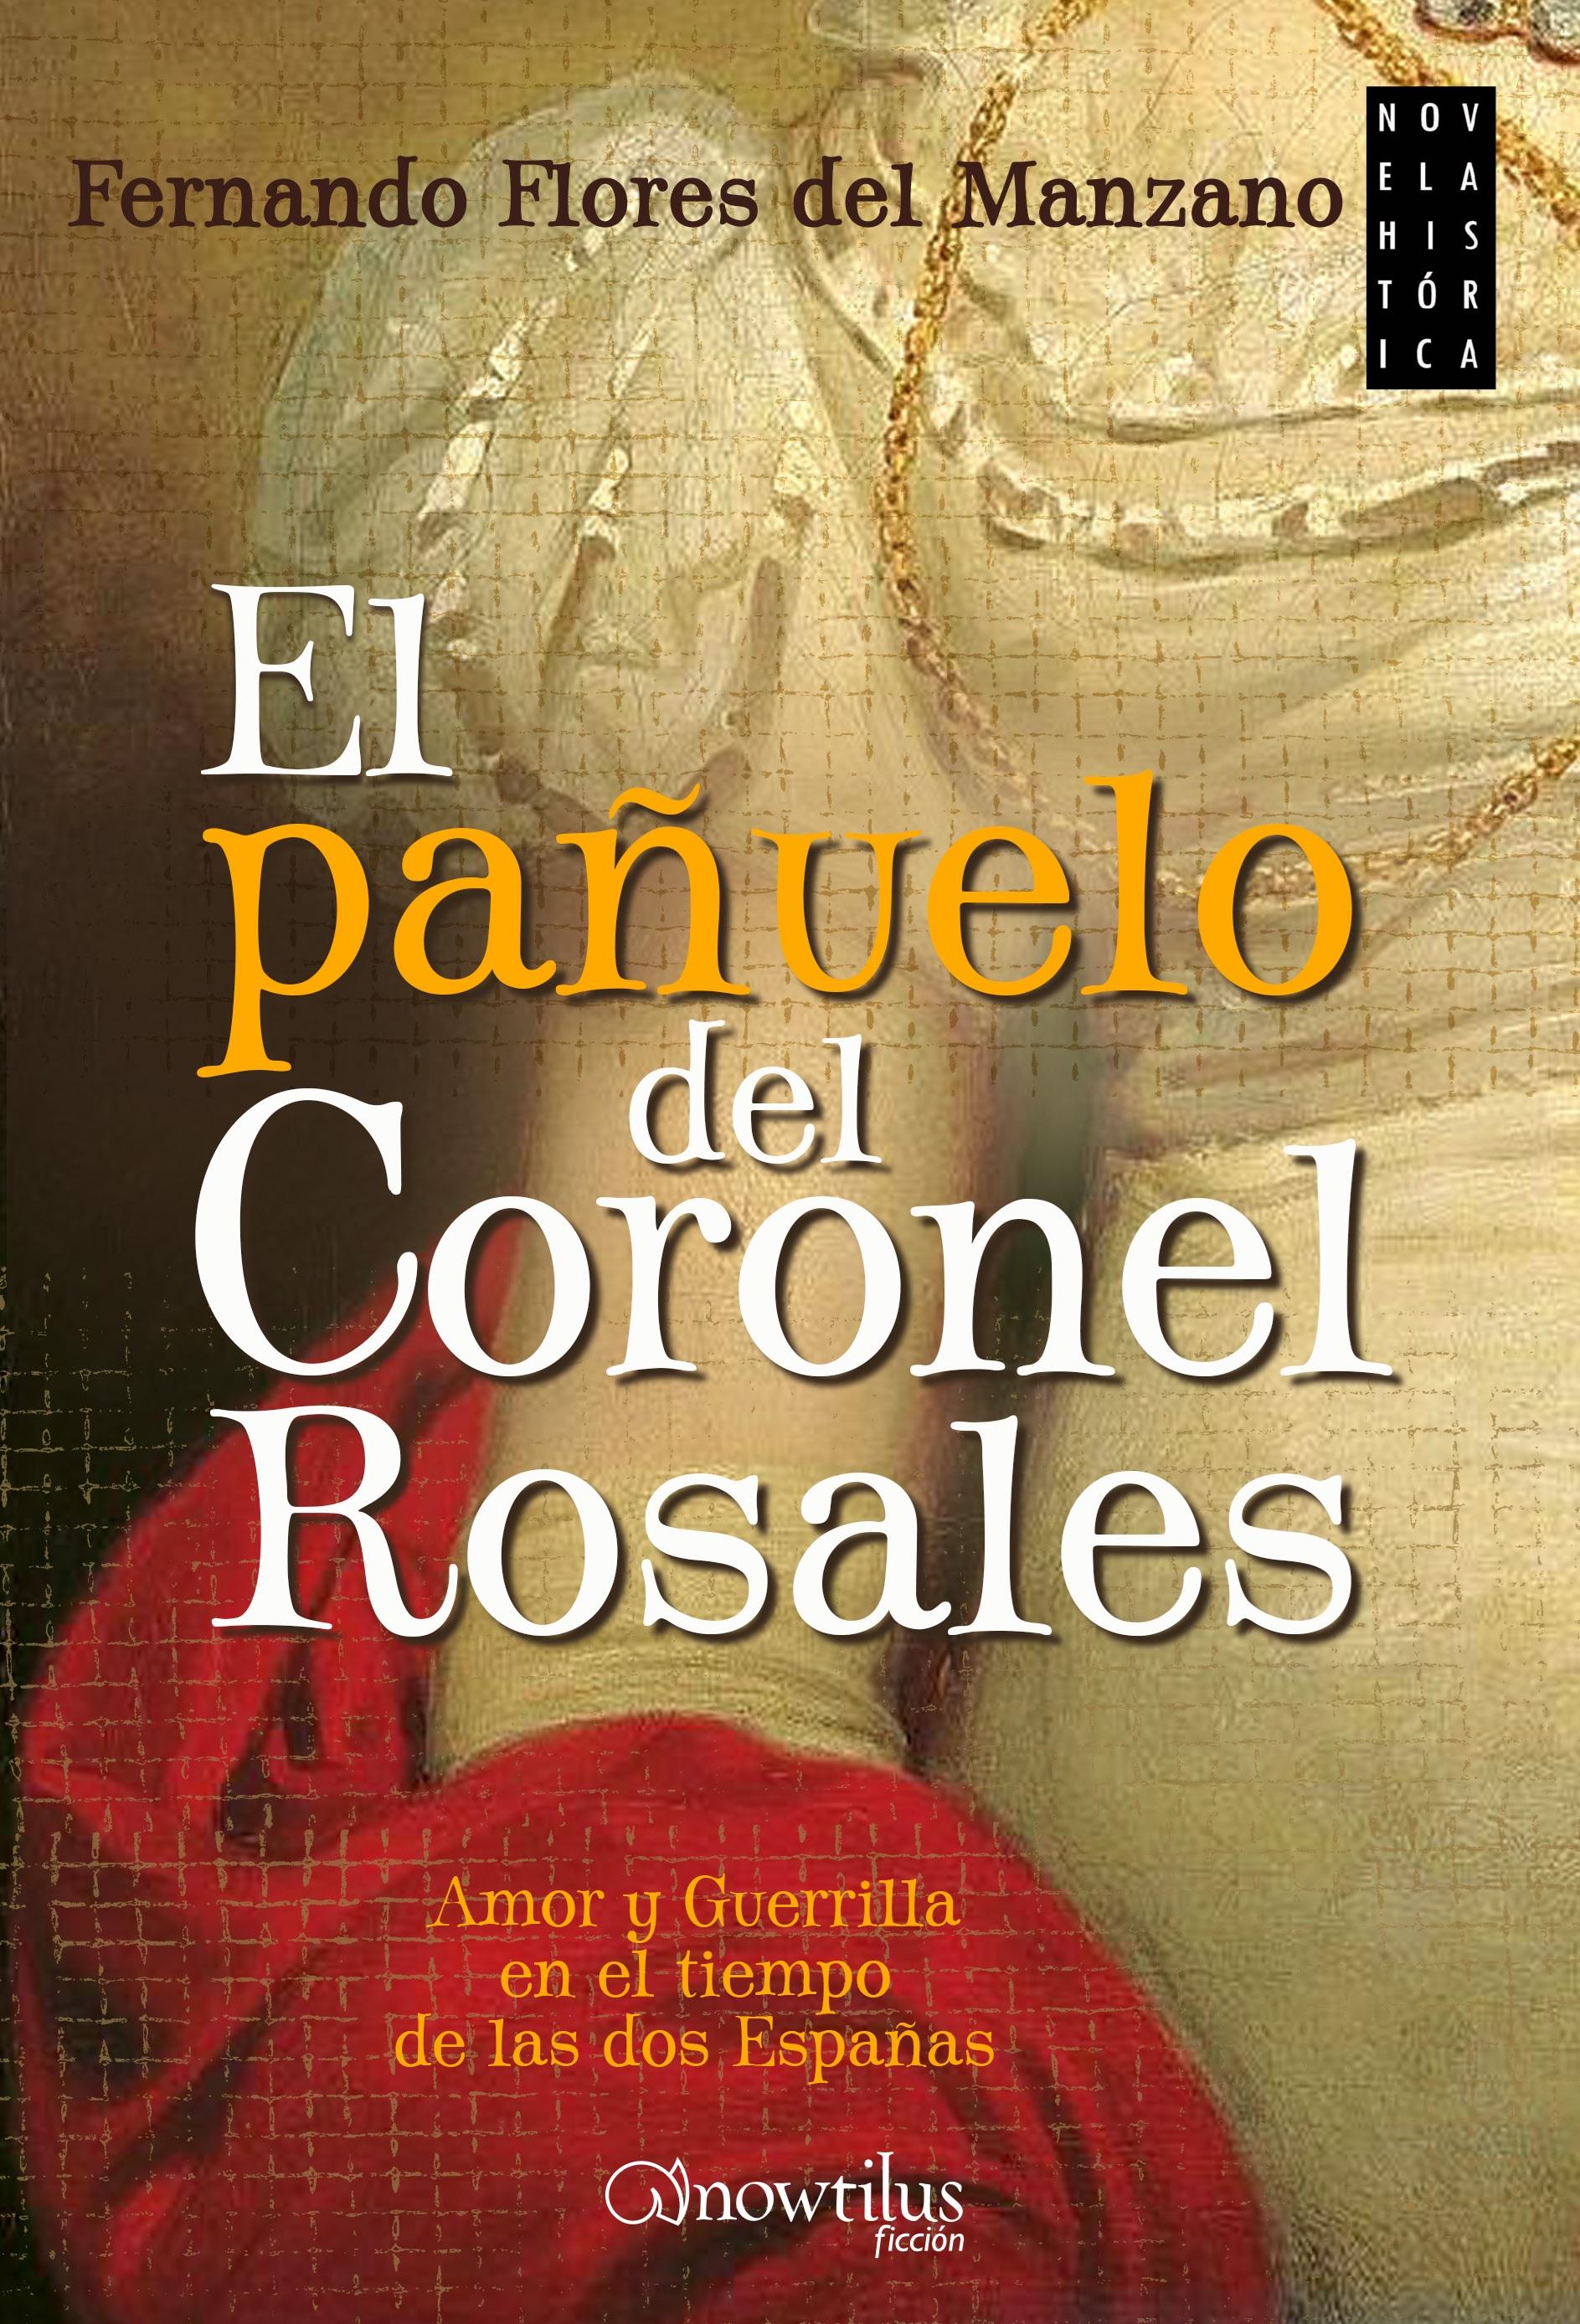 NPortada El panuelo del coronel Rosales